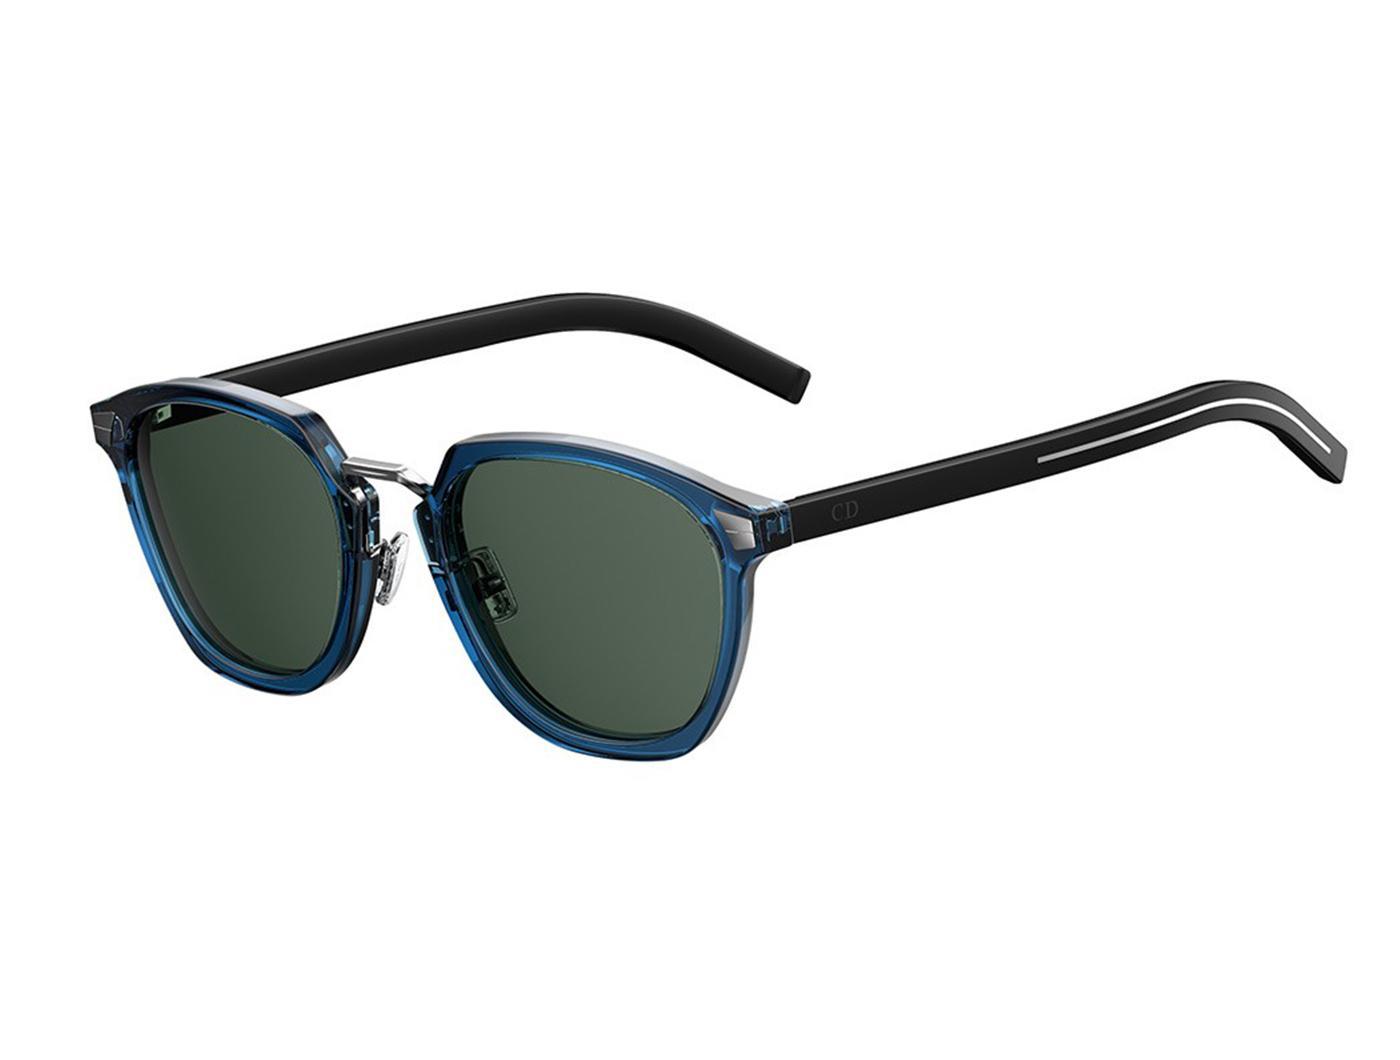 3f904853d1 Lyst - Dior Homme Blue Frames With Black Lenses Pjp qt in Blue for Men